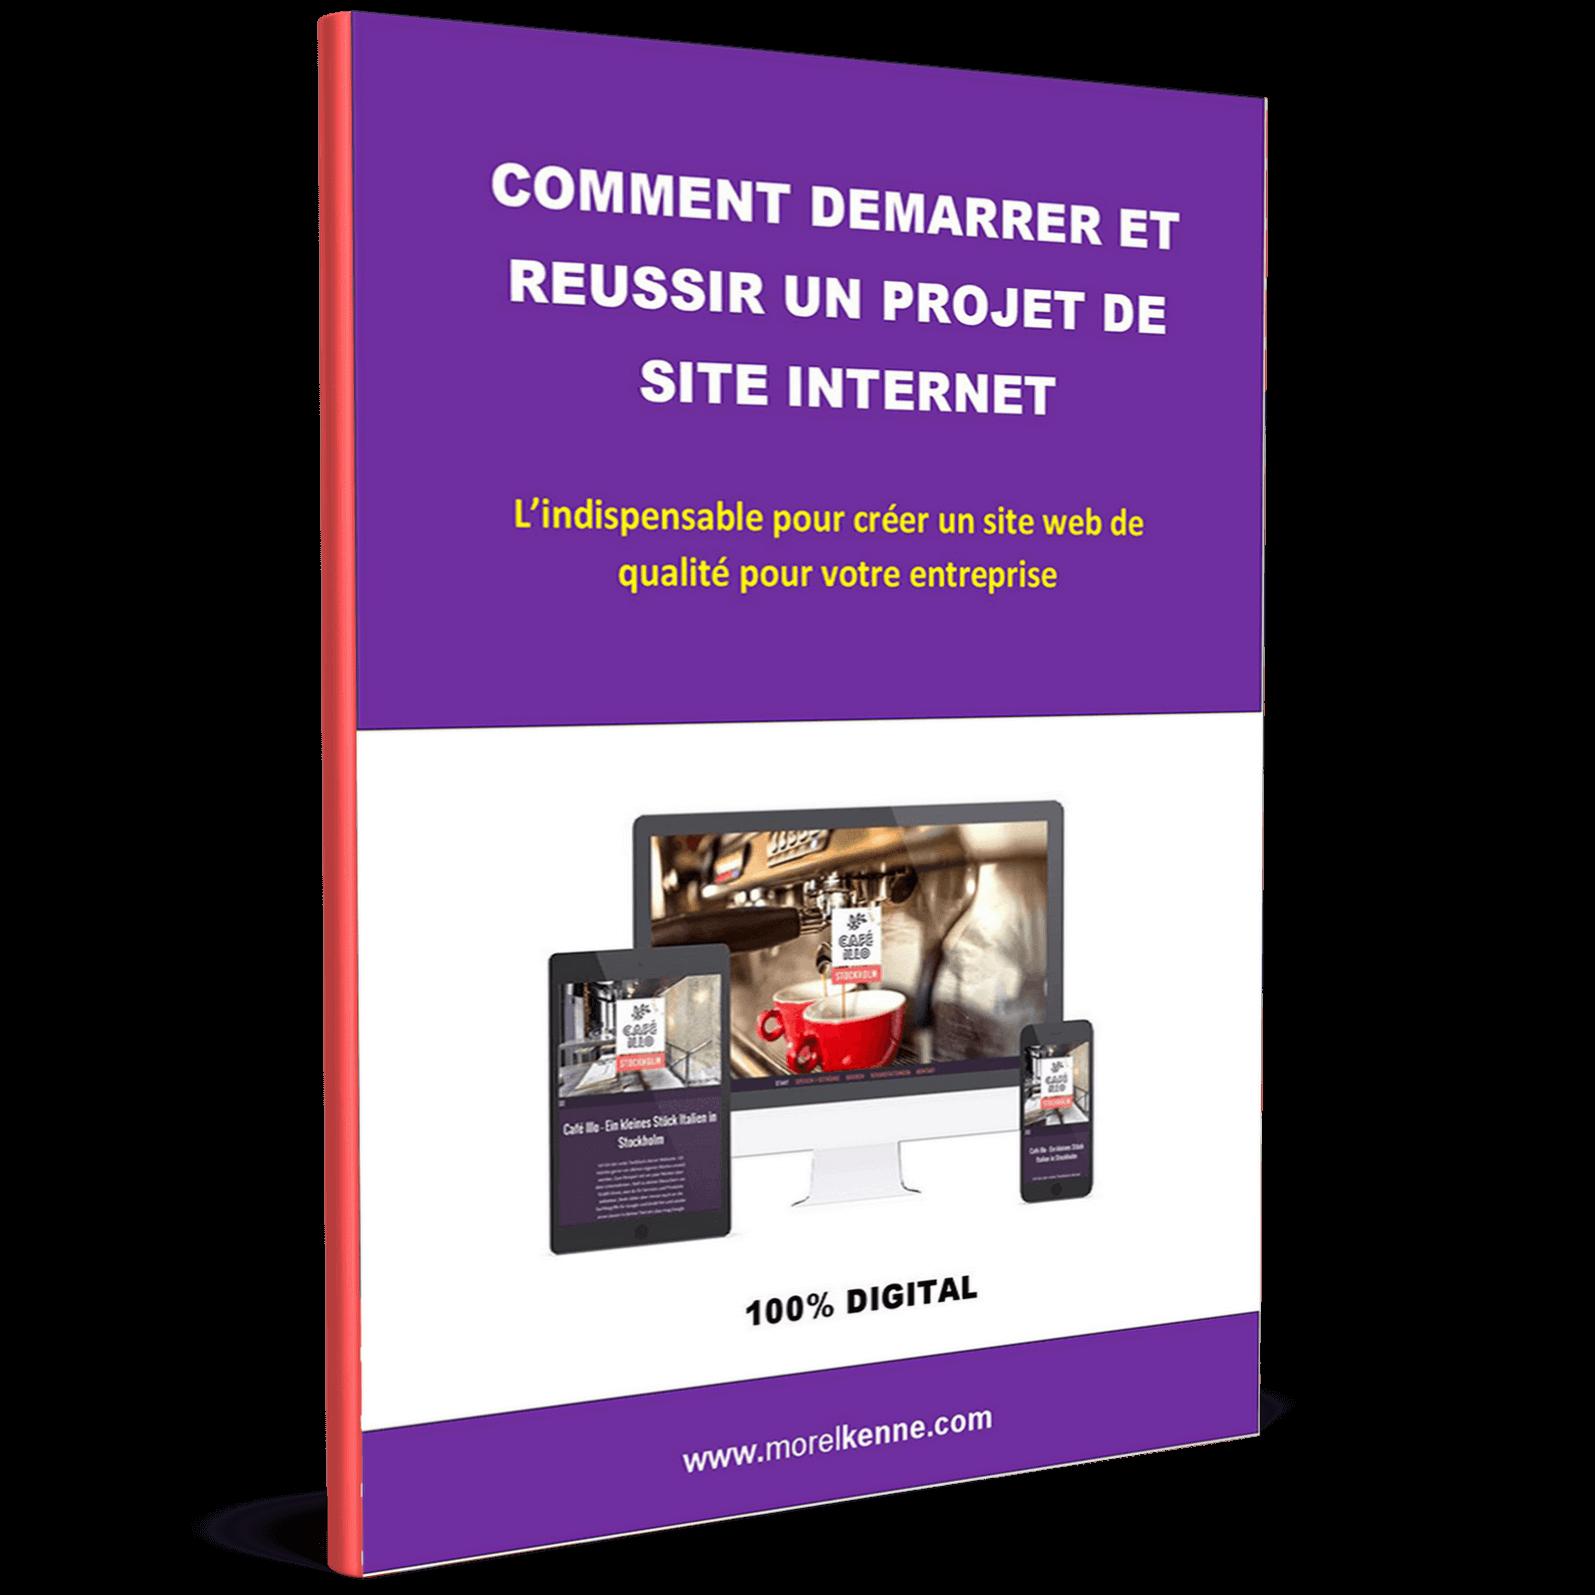 Demarrer-et-reussir-un-projet-de-site-web-1595-oxtaigrg9a(1)